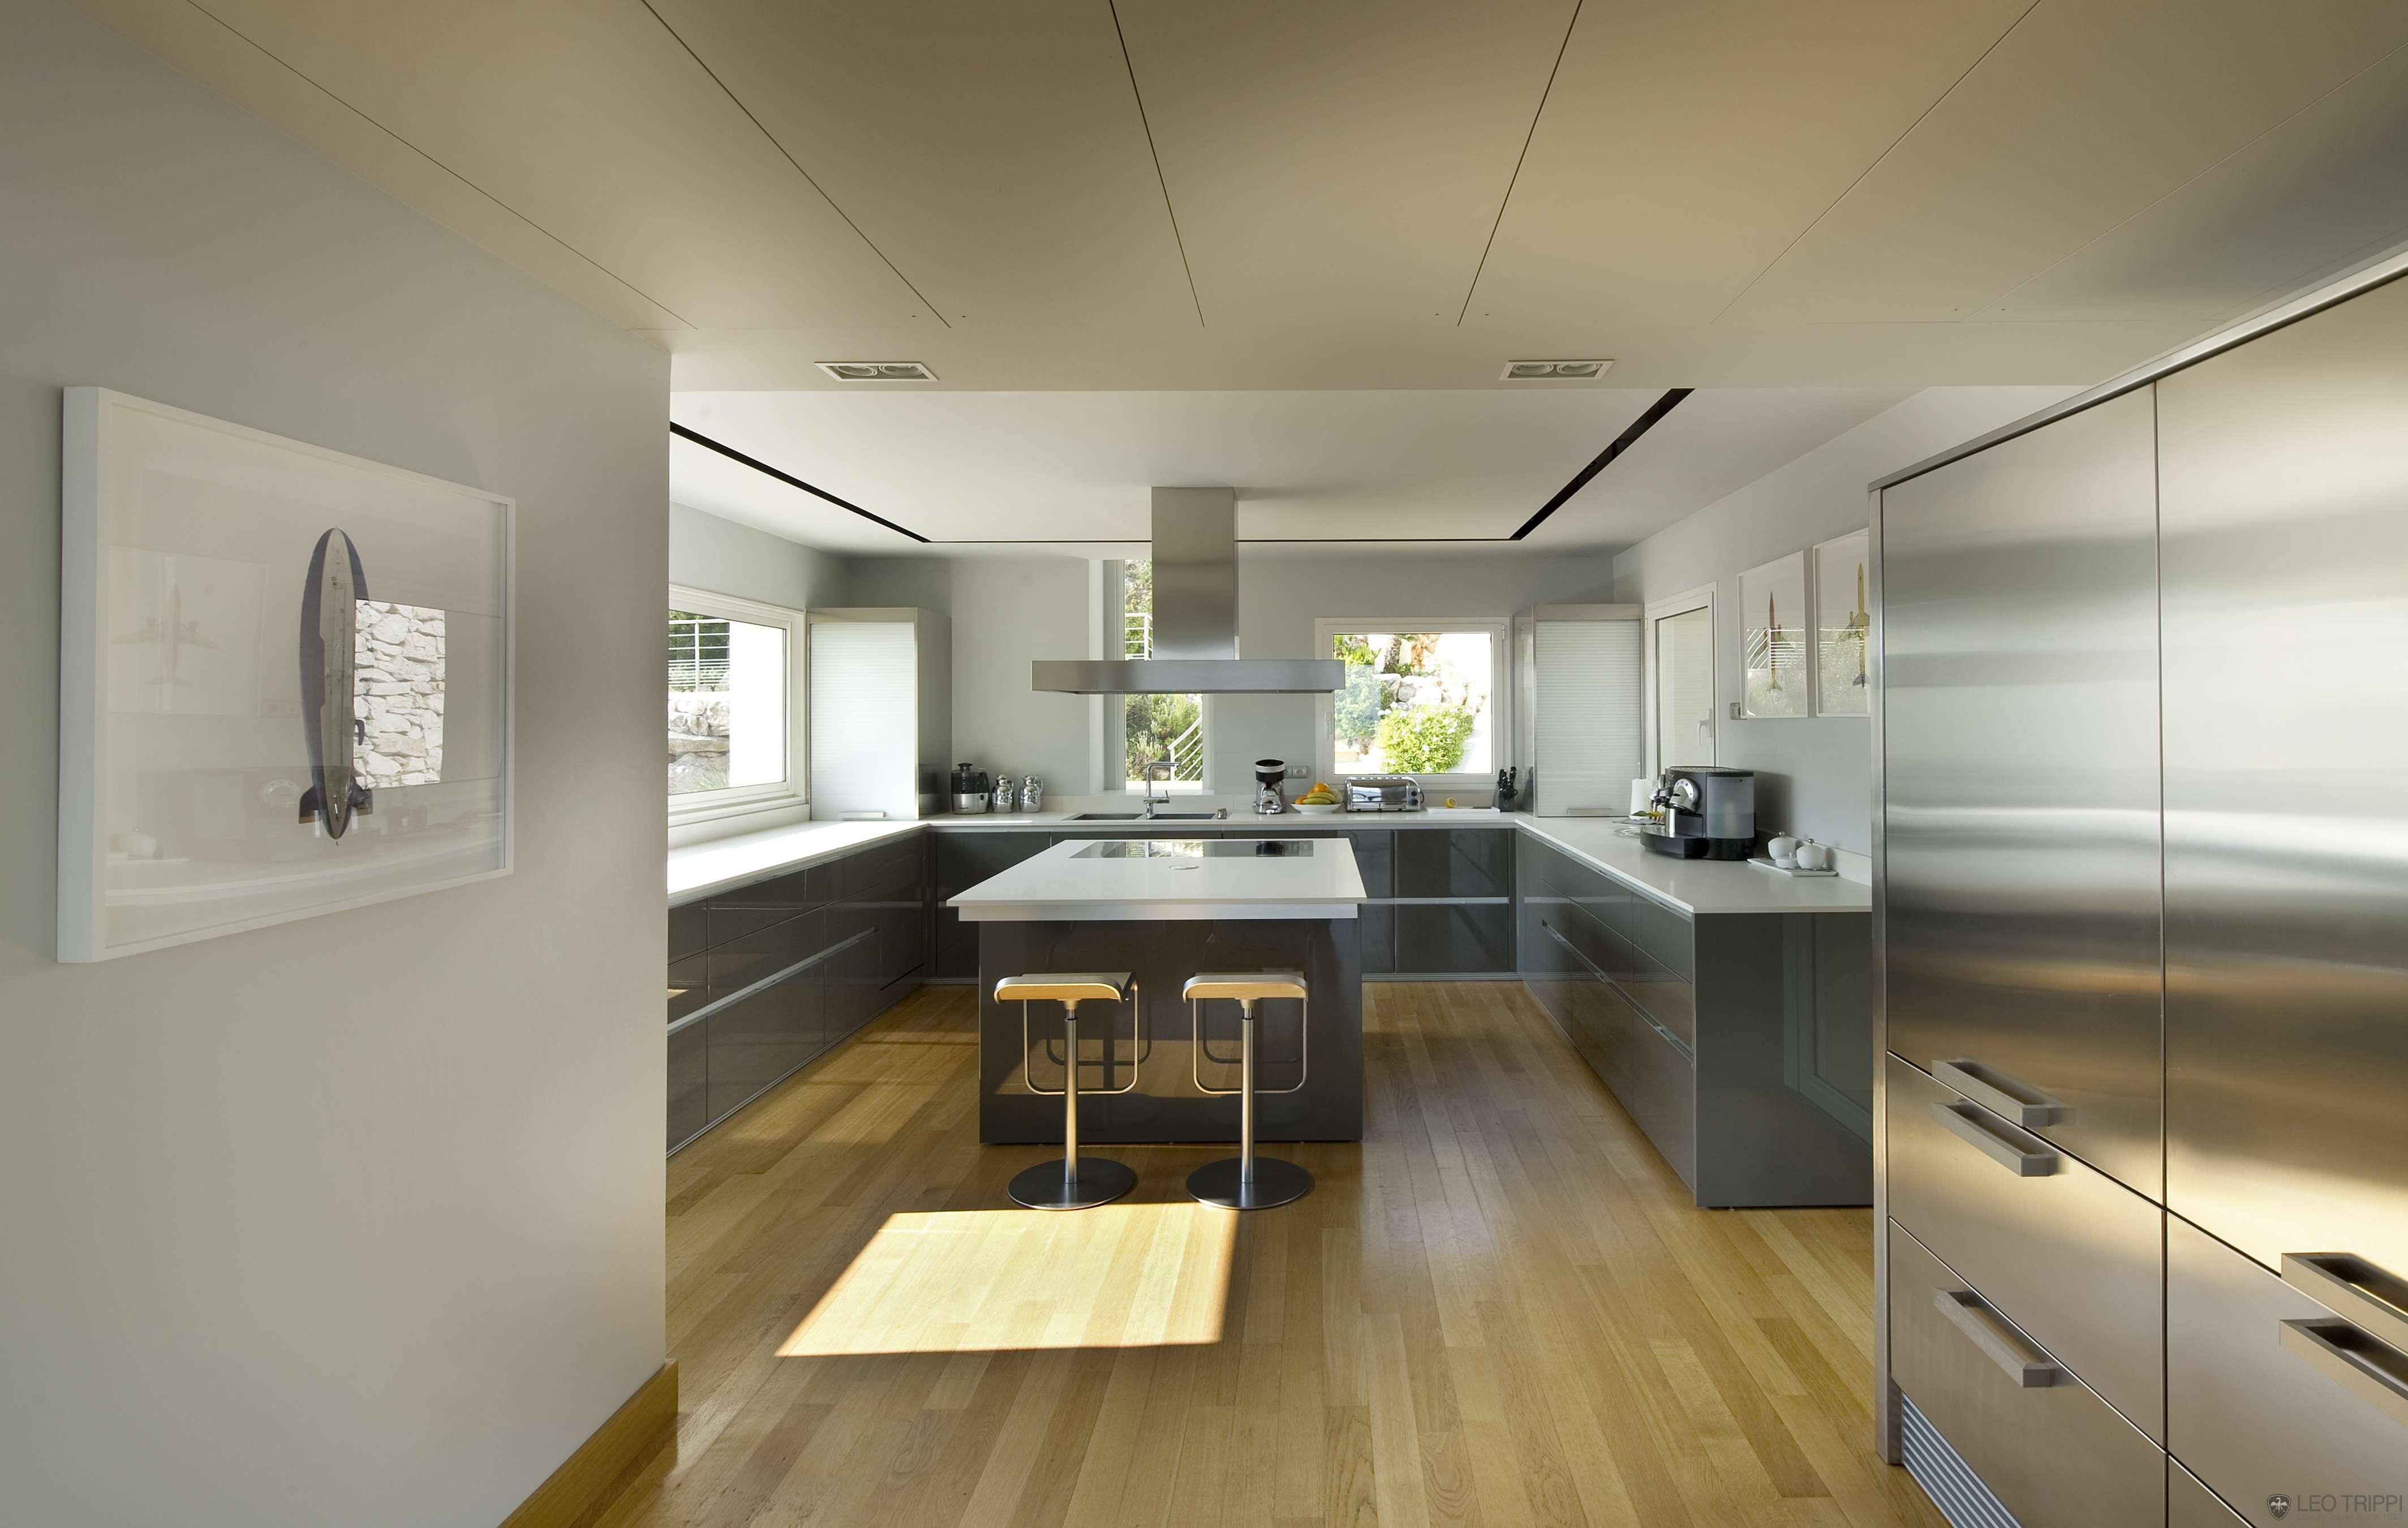 Steel Kitchen Interior photo - 6